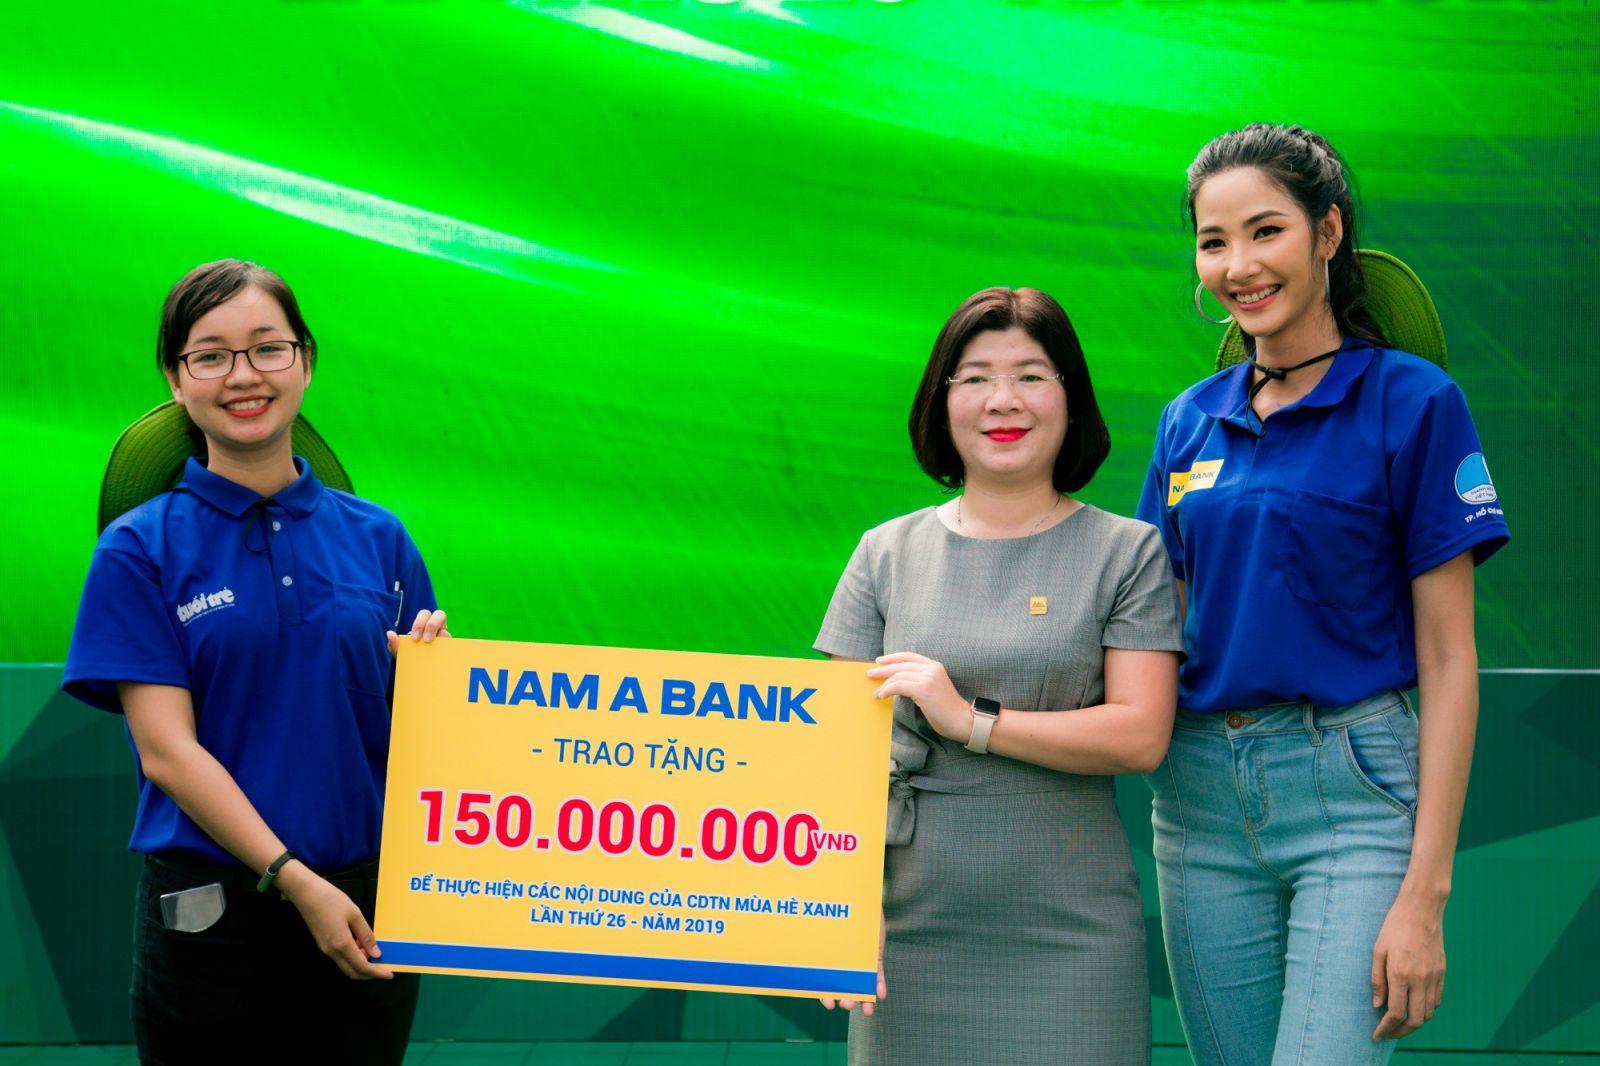 Đại diện Nam A Bank và Á hậu Hoàng Thùy trao tặng 150 triệu đồng cho Đoàn thanh niên TP HCM thực hiện các hoạt động ý nghĩa trong chiến dịch tình nguyện Mùa hè xanh lần thứ 26.